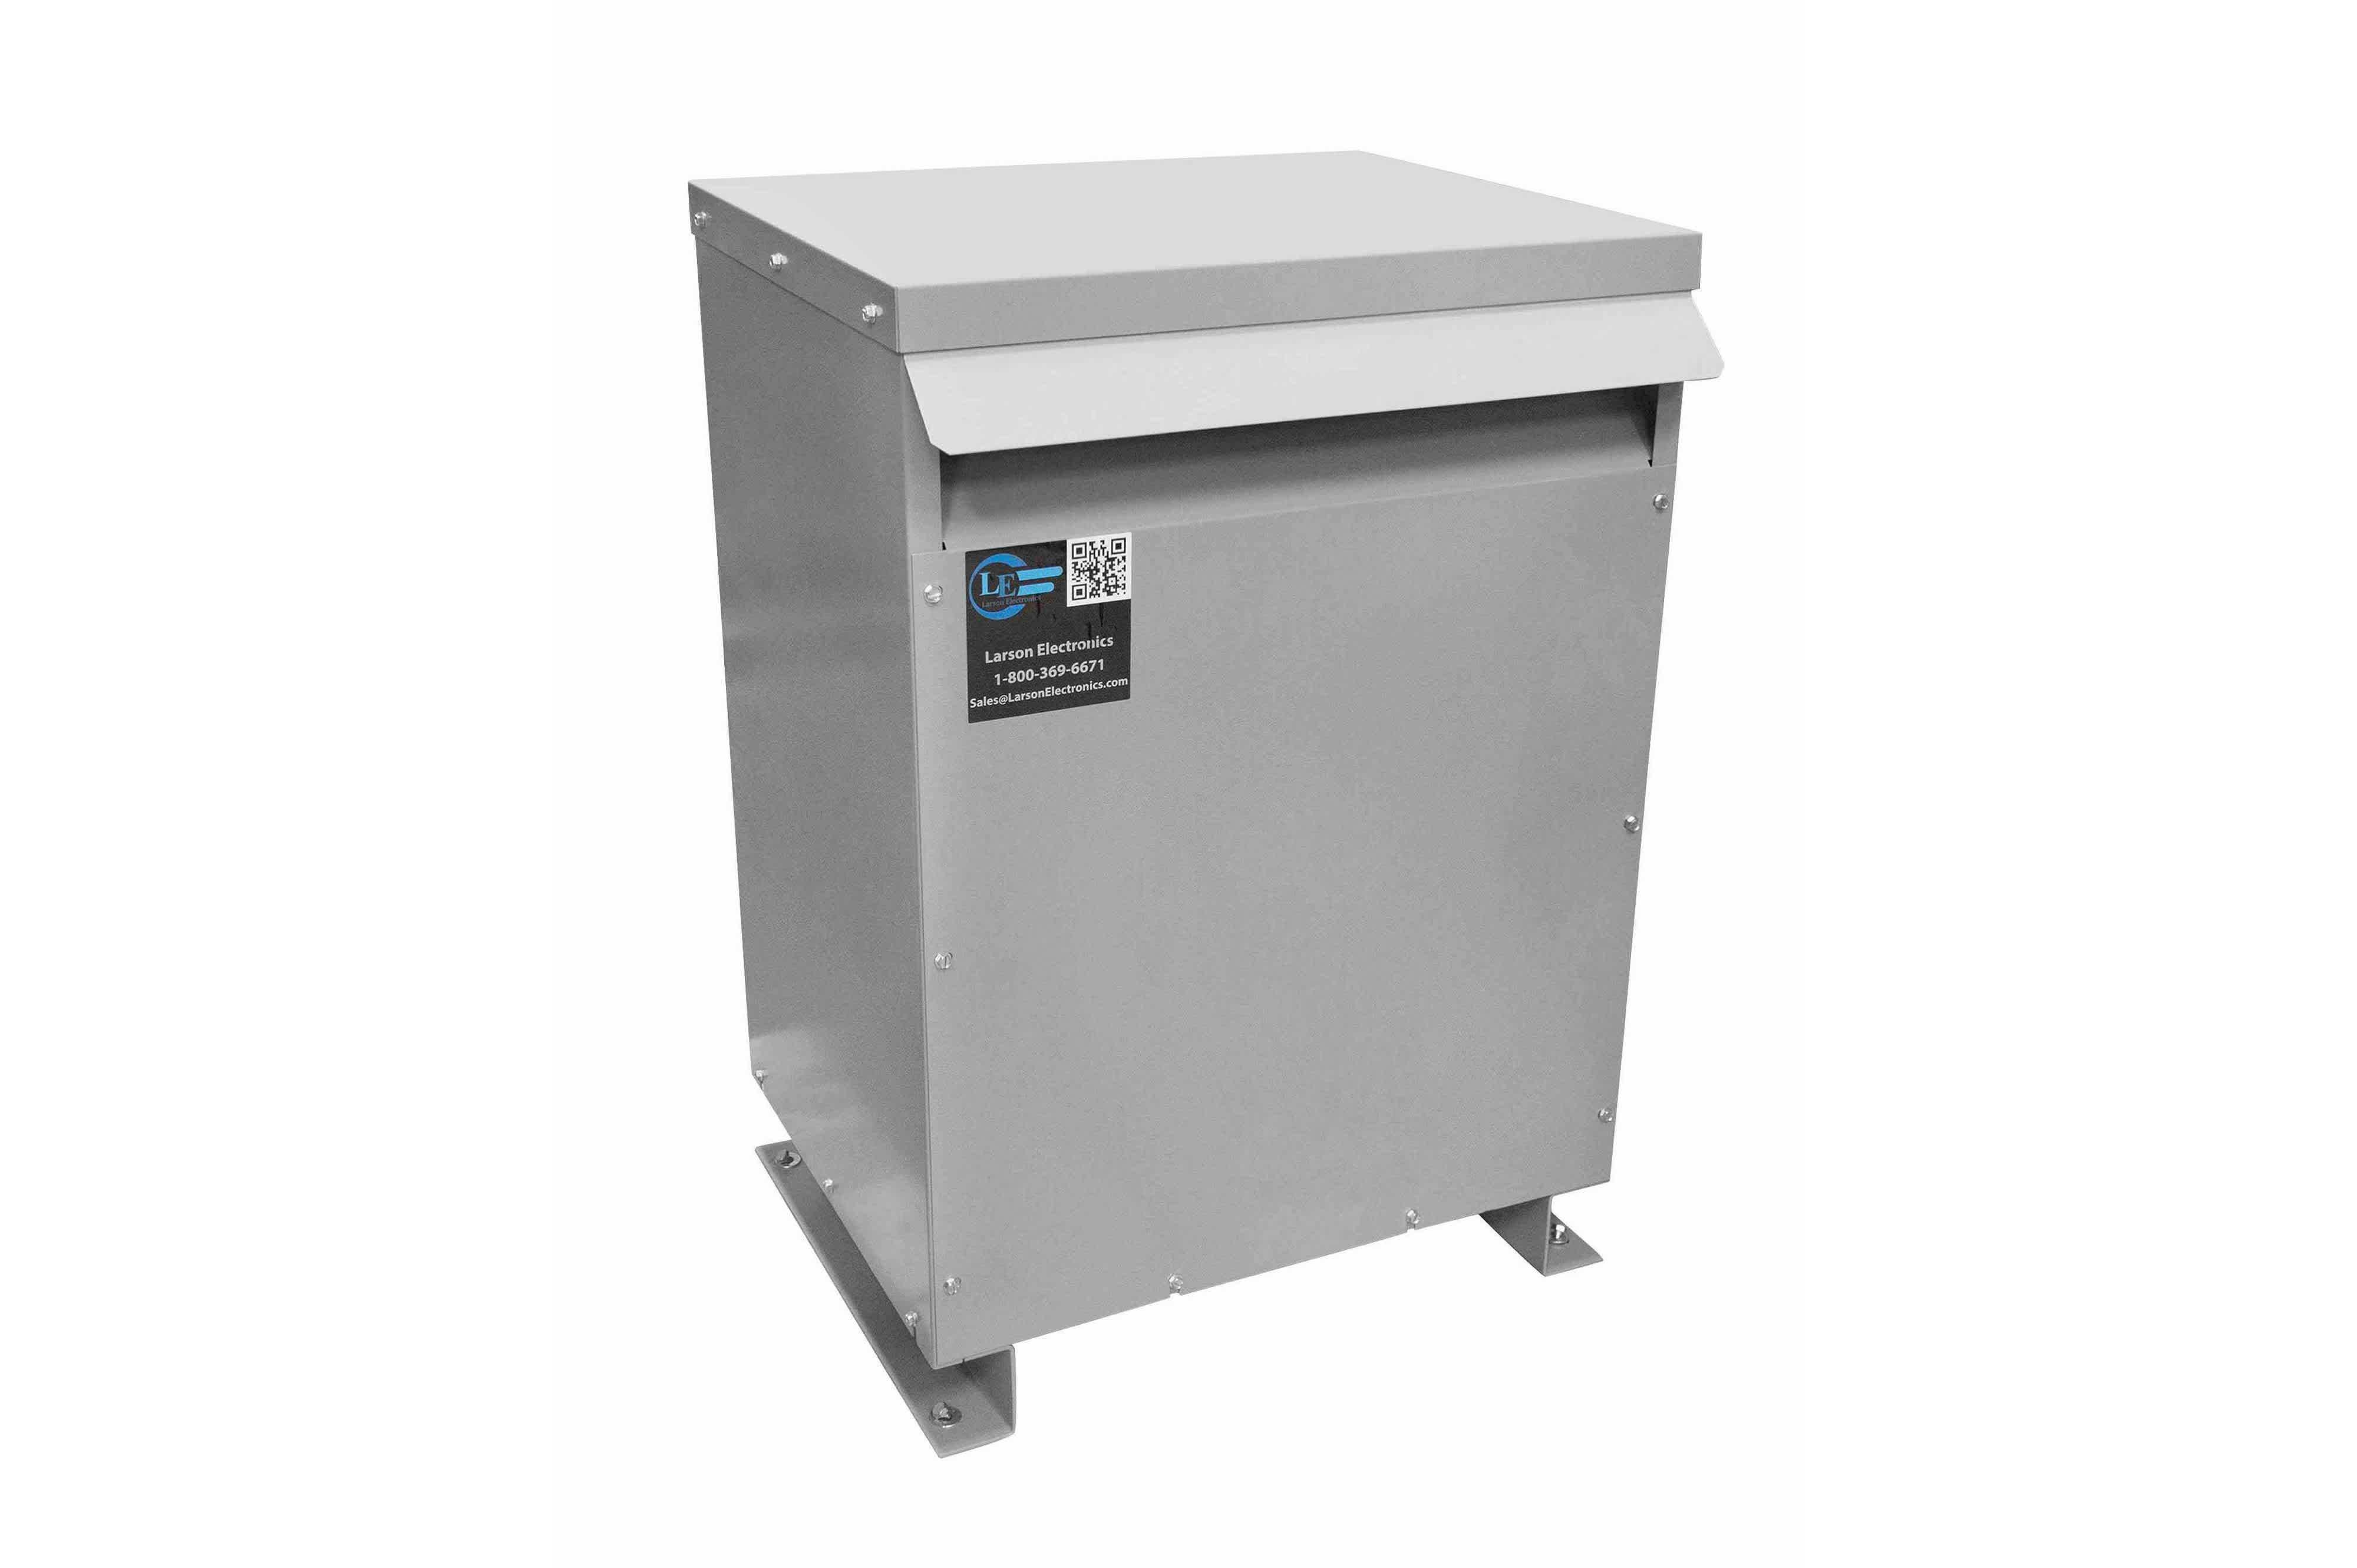 75 kVA 3PH Isolation Transformer, 600V Delta Primary, 460V Delta Secondary, N3R, Ventilated, 60 Hz